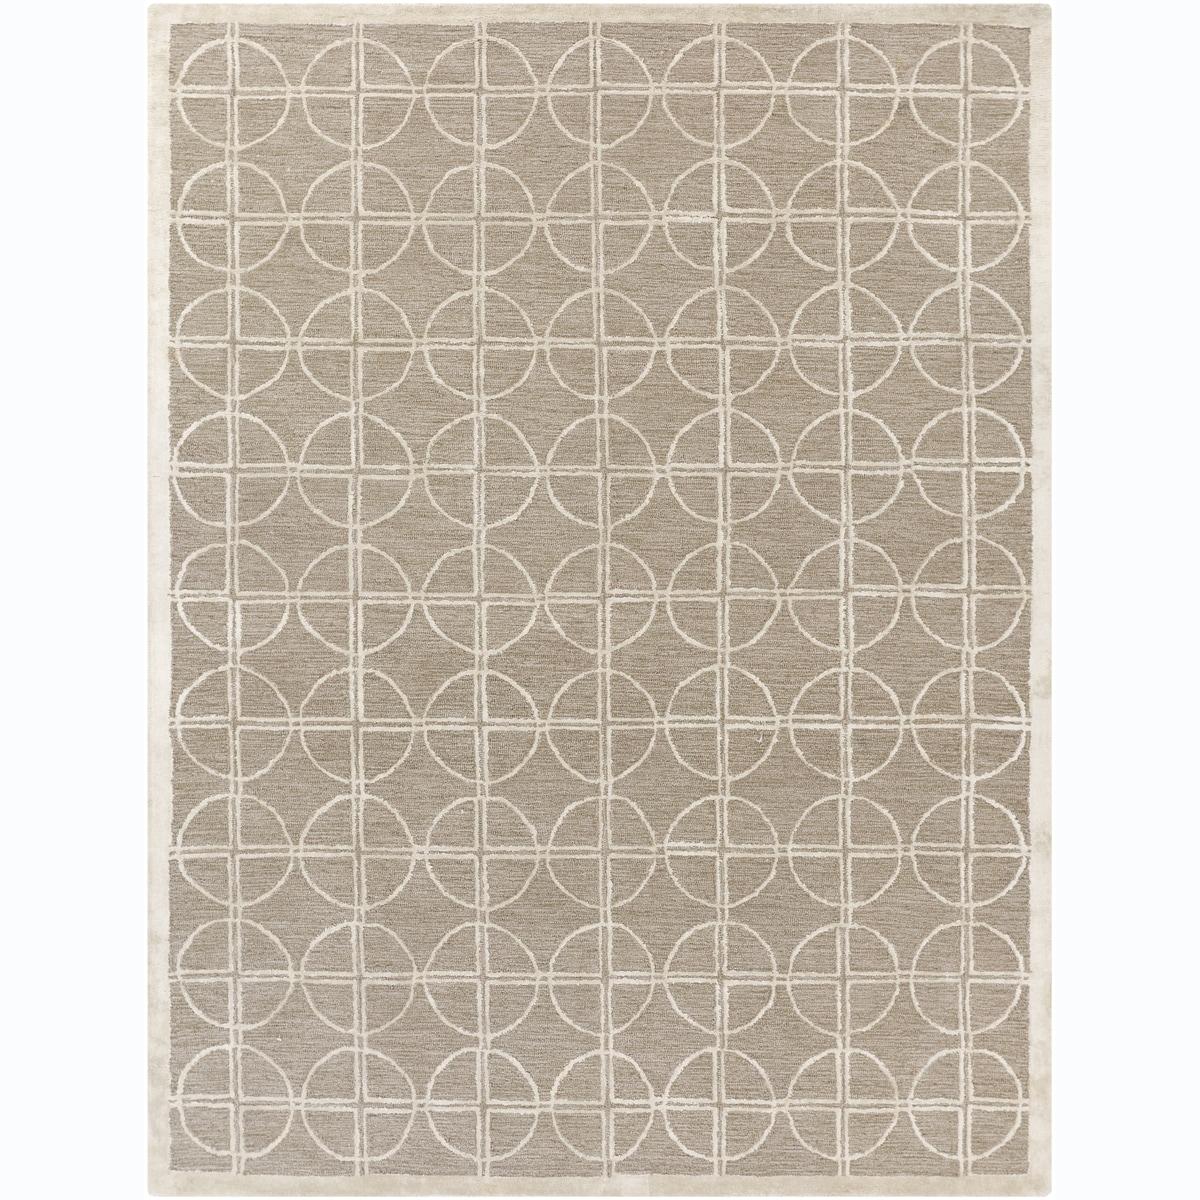 Hand-tufted Mandara Beige Wool Blend Rug (7'9 x 10'6)